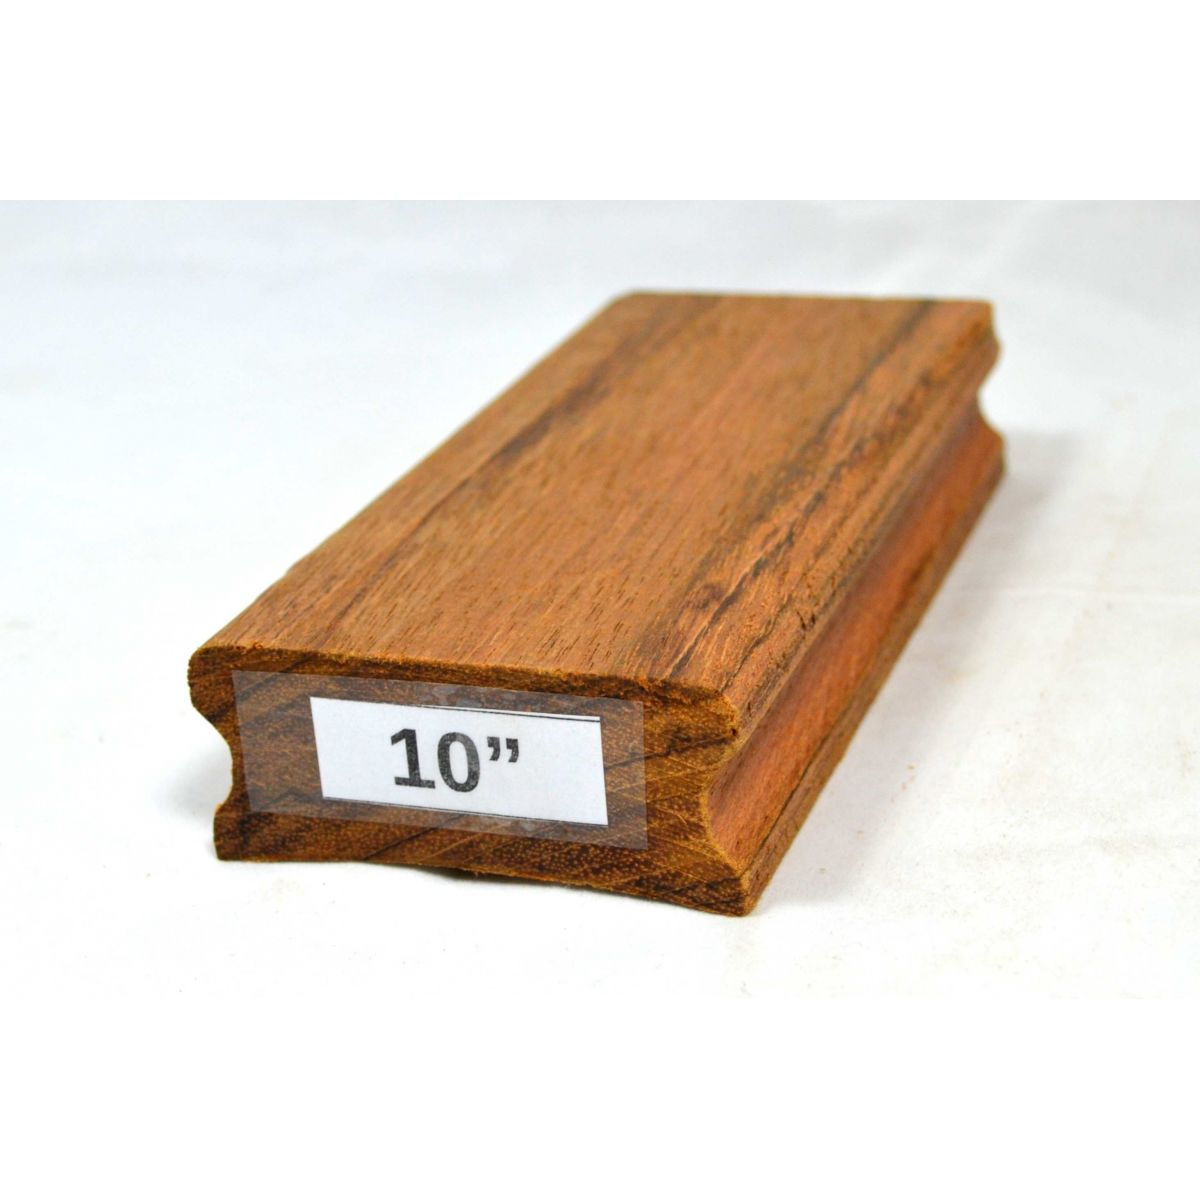 """Taco de raiar escala (unidade) com o raio de 10"""" (16cm x 7,5cm)  - Luthieria Brasil"""